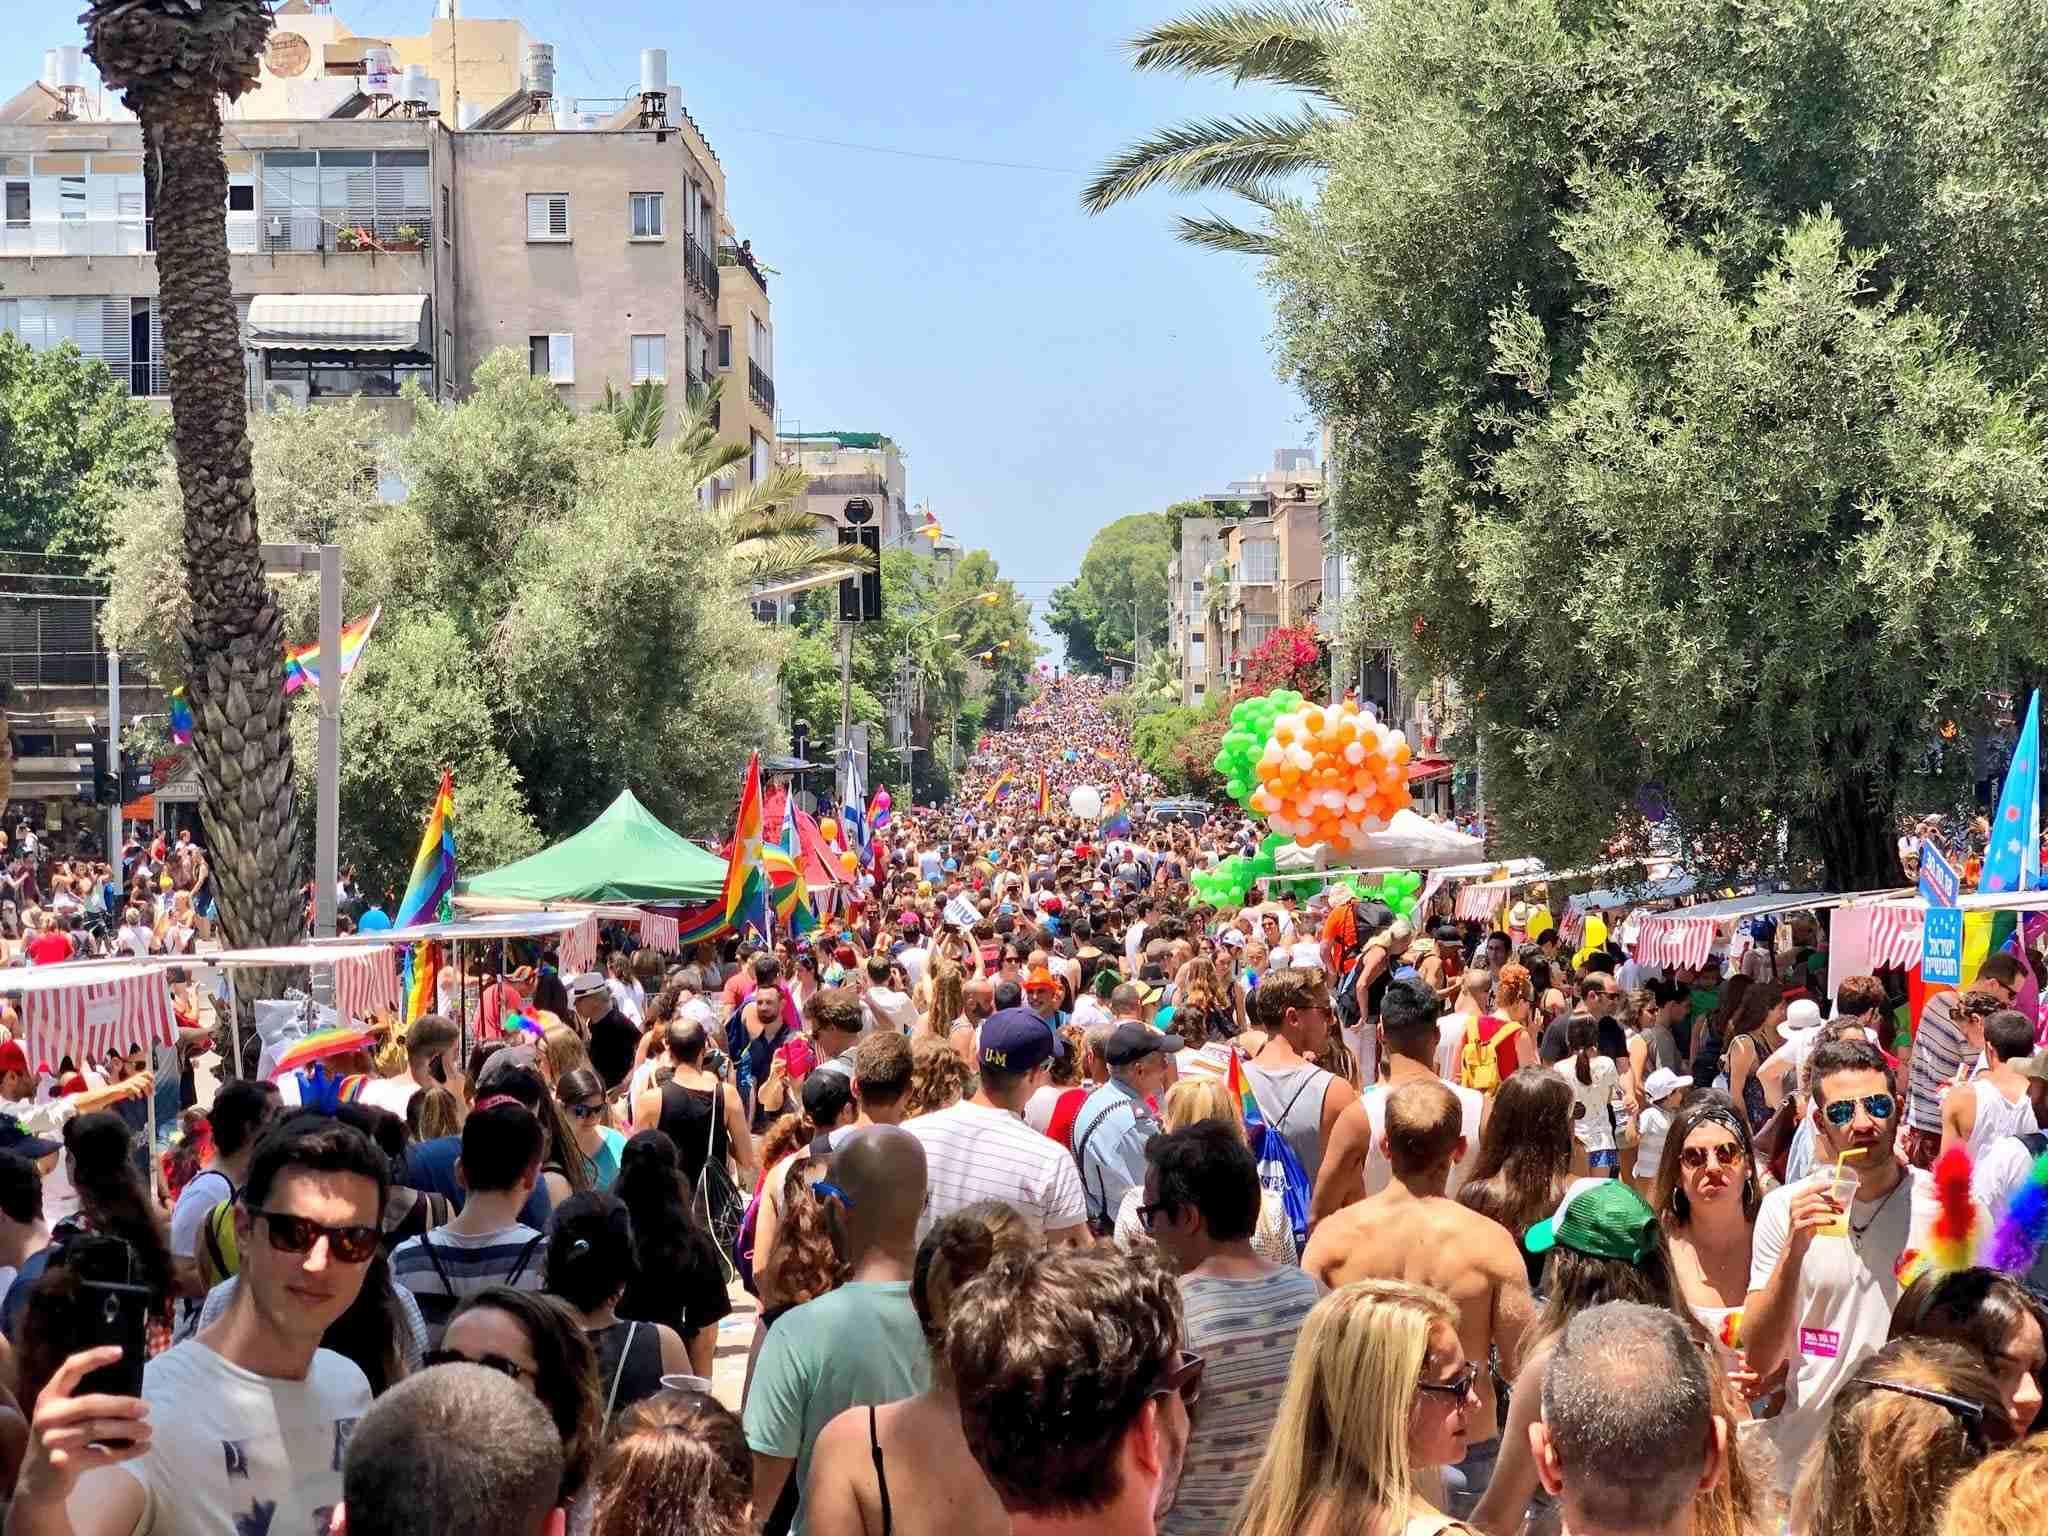 Over 250.000 mennesker deltok i årets pride-parade i Tel Aviv. Det er rekordstort oppmøte. (Foto: Twitter)